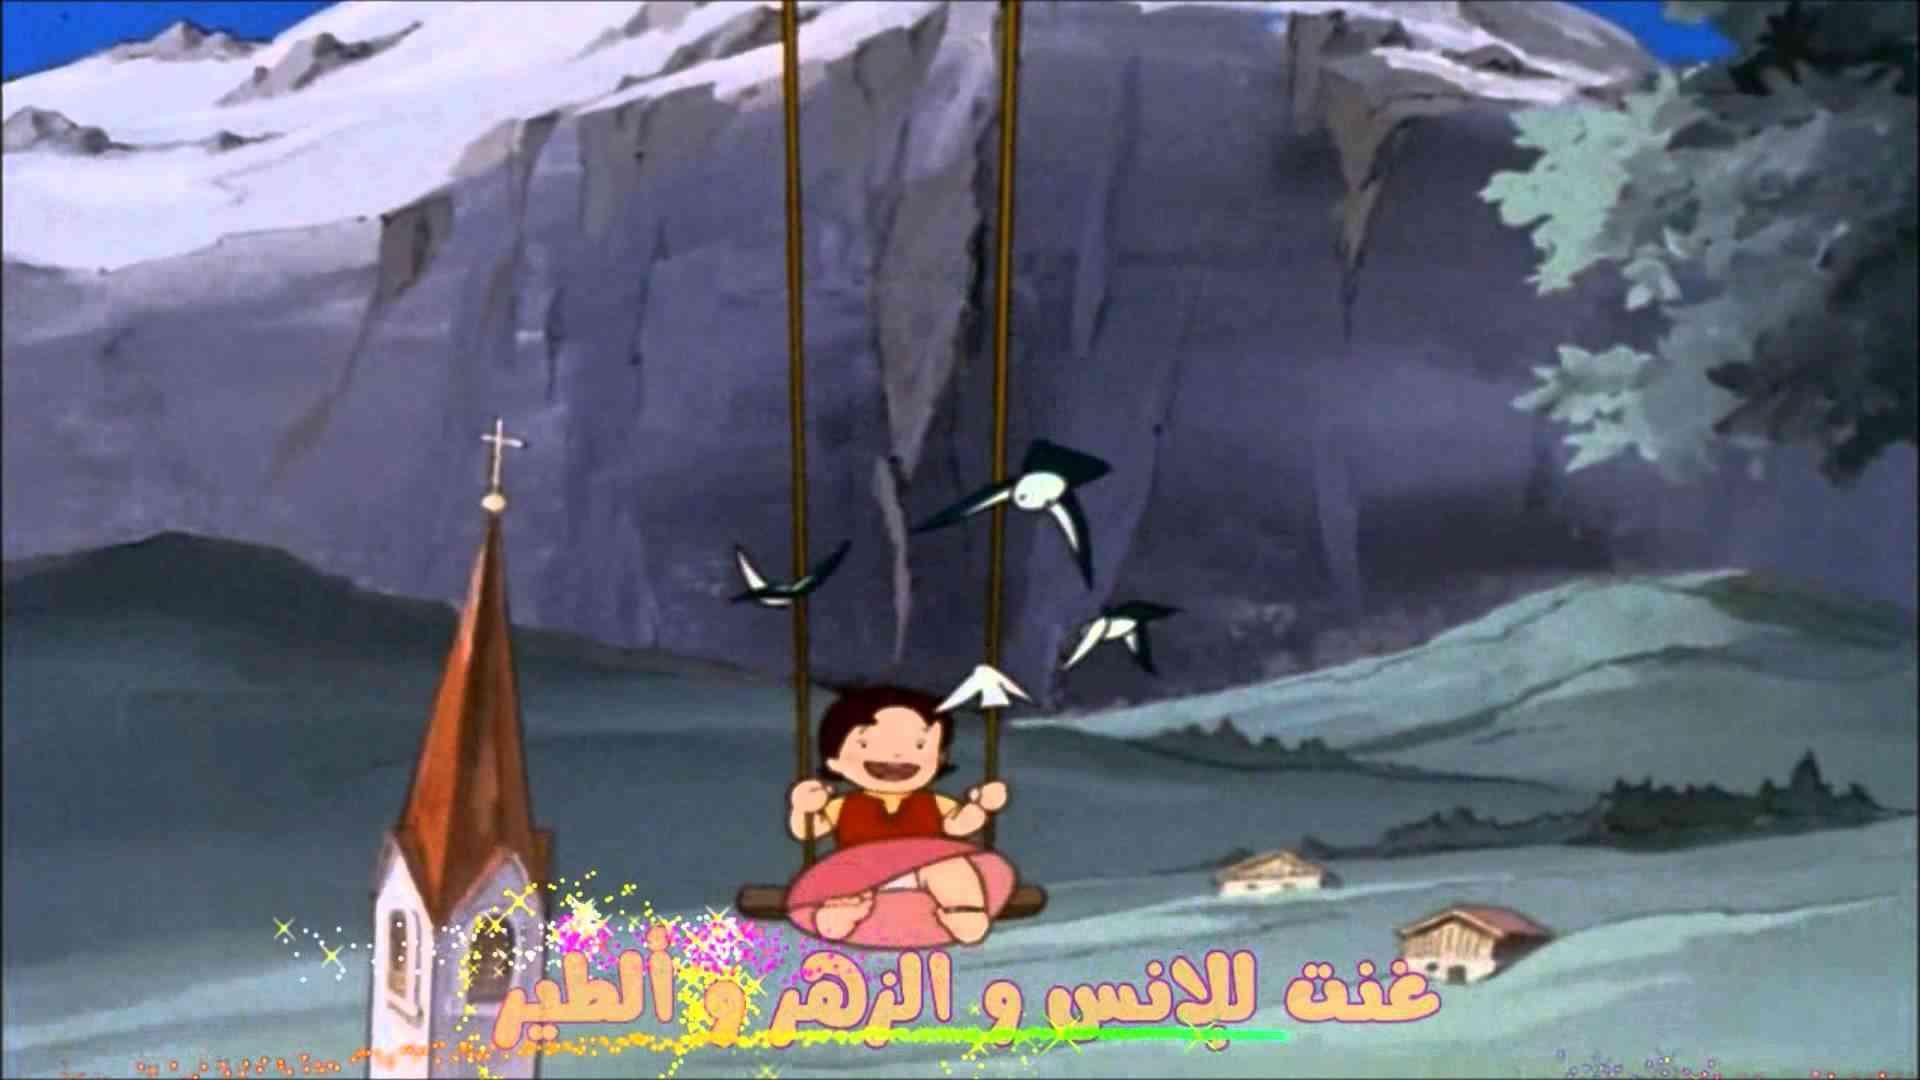 هايدي - أغنية البداية   (Heidi - Arabic Opening) - YouTube